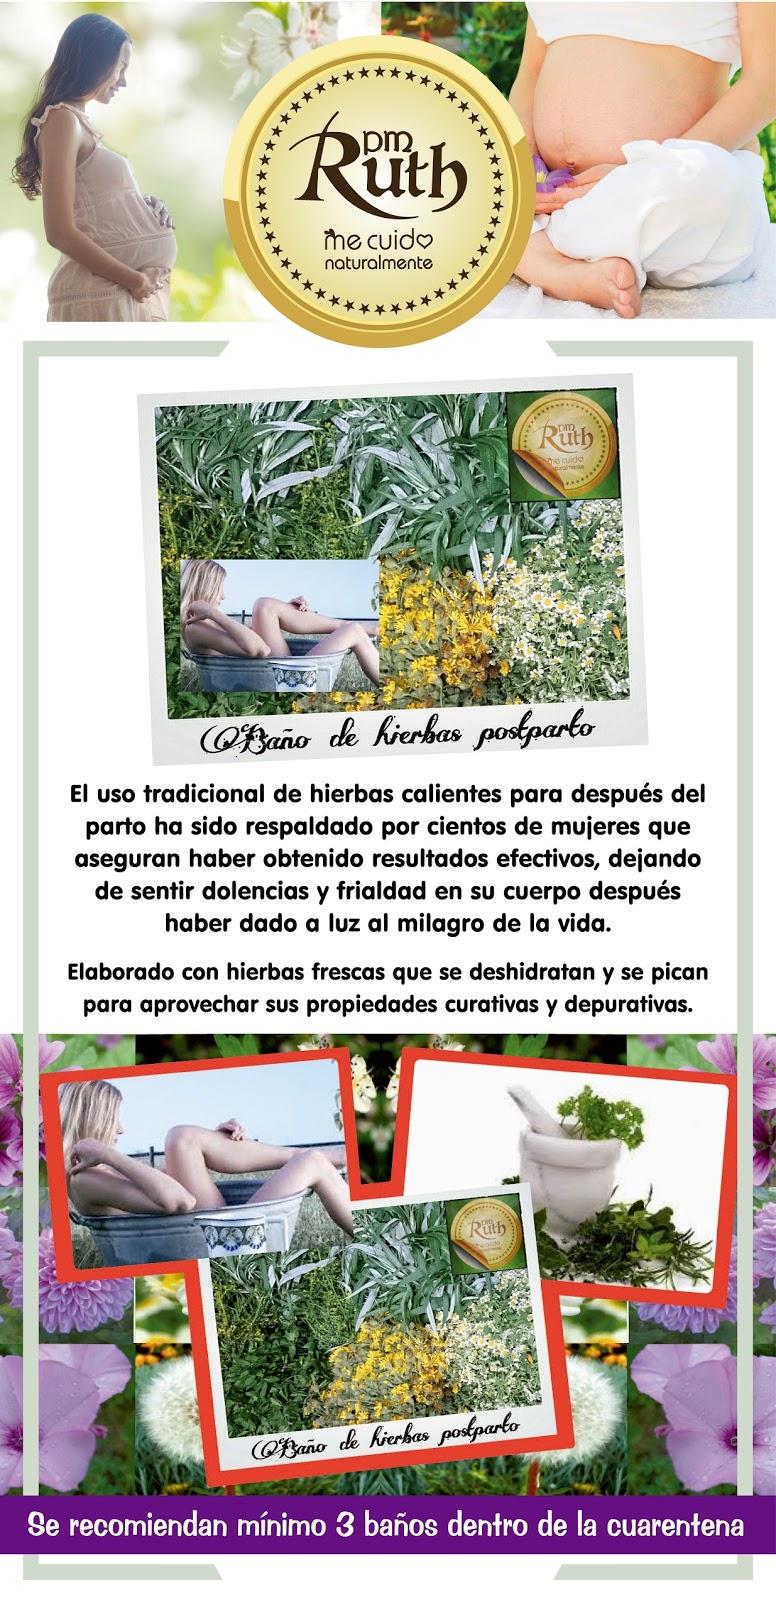 Plantas medicinales ruth ba o de hierbas post parto - Plantas para banos ...